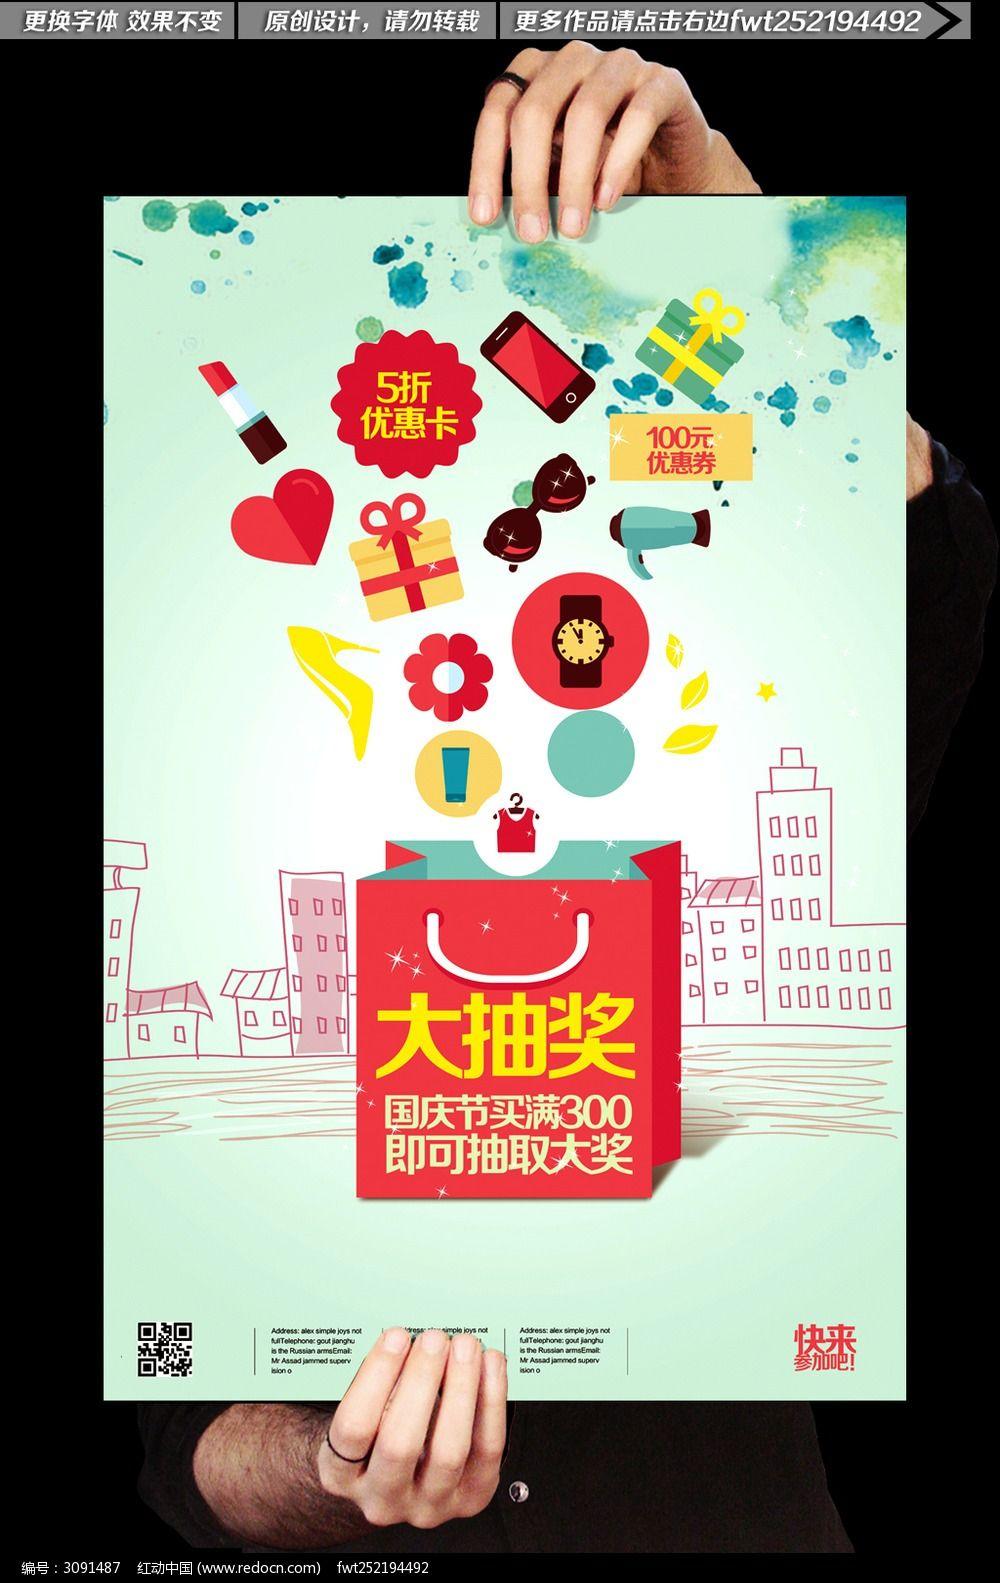 国庆节抽奖手绘创意海报图片